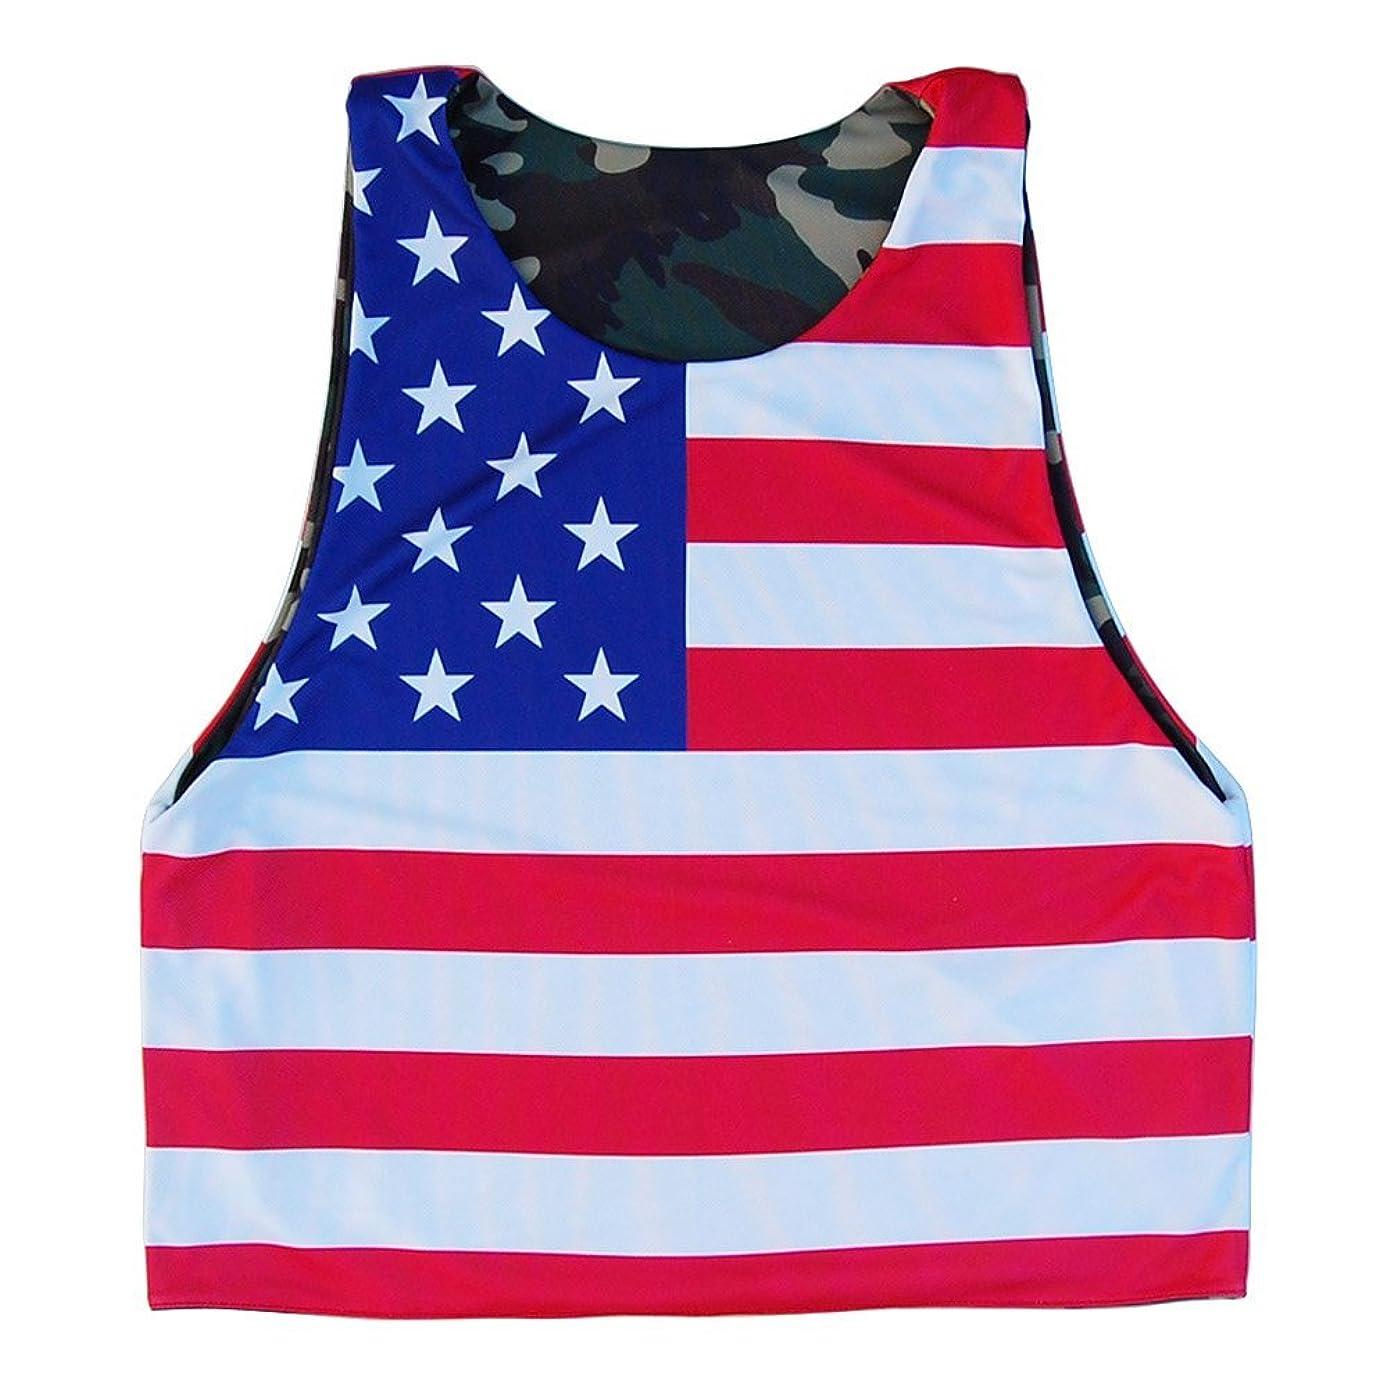 ペネロペ著者自分のAmerican Flag & Army CamoラクロスSublimated Reversible Pinnie